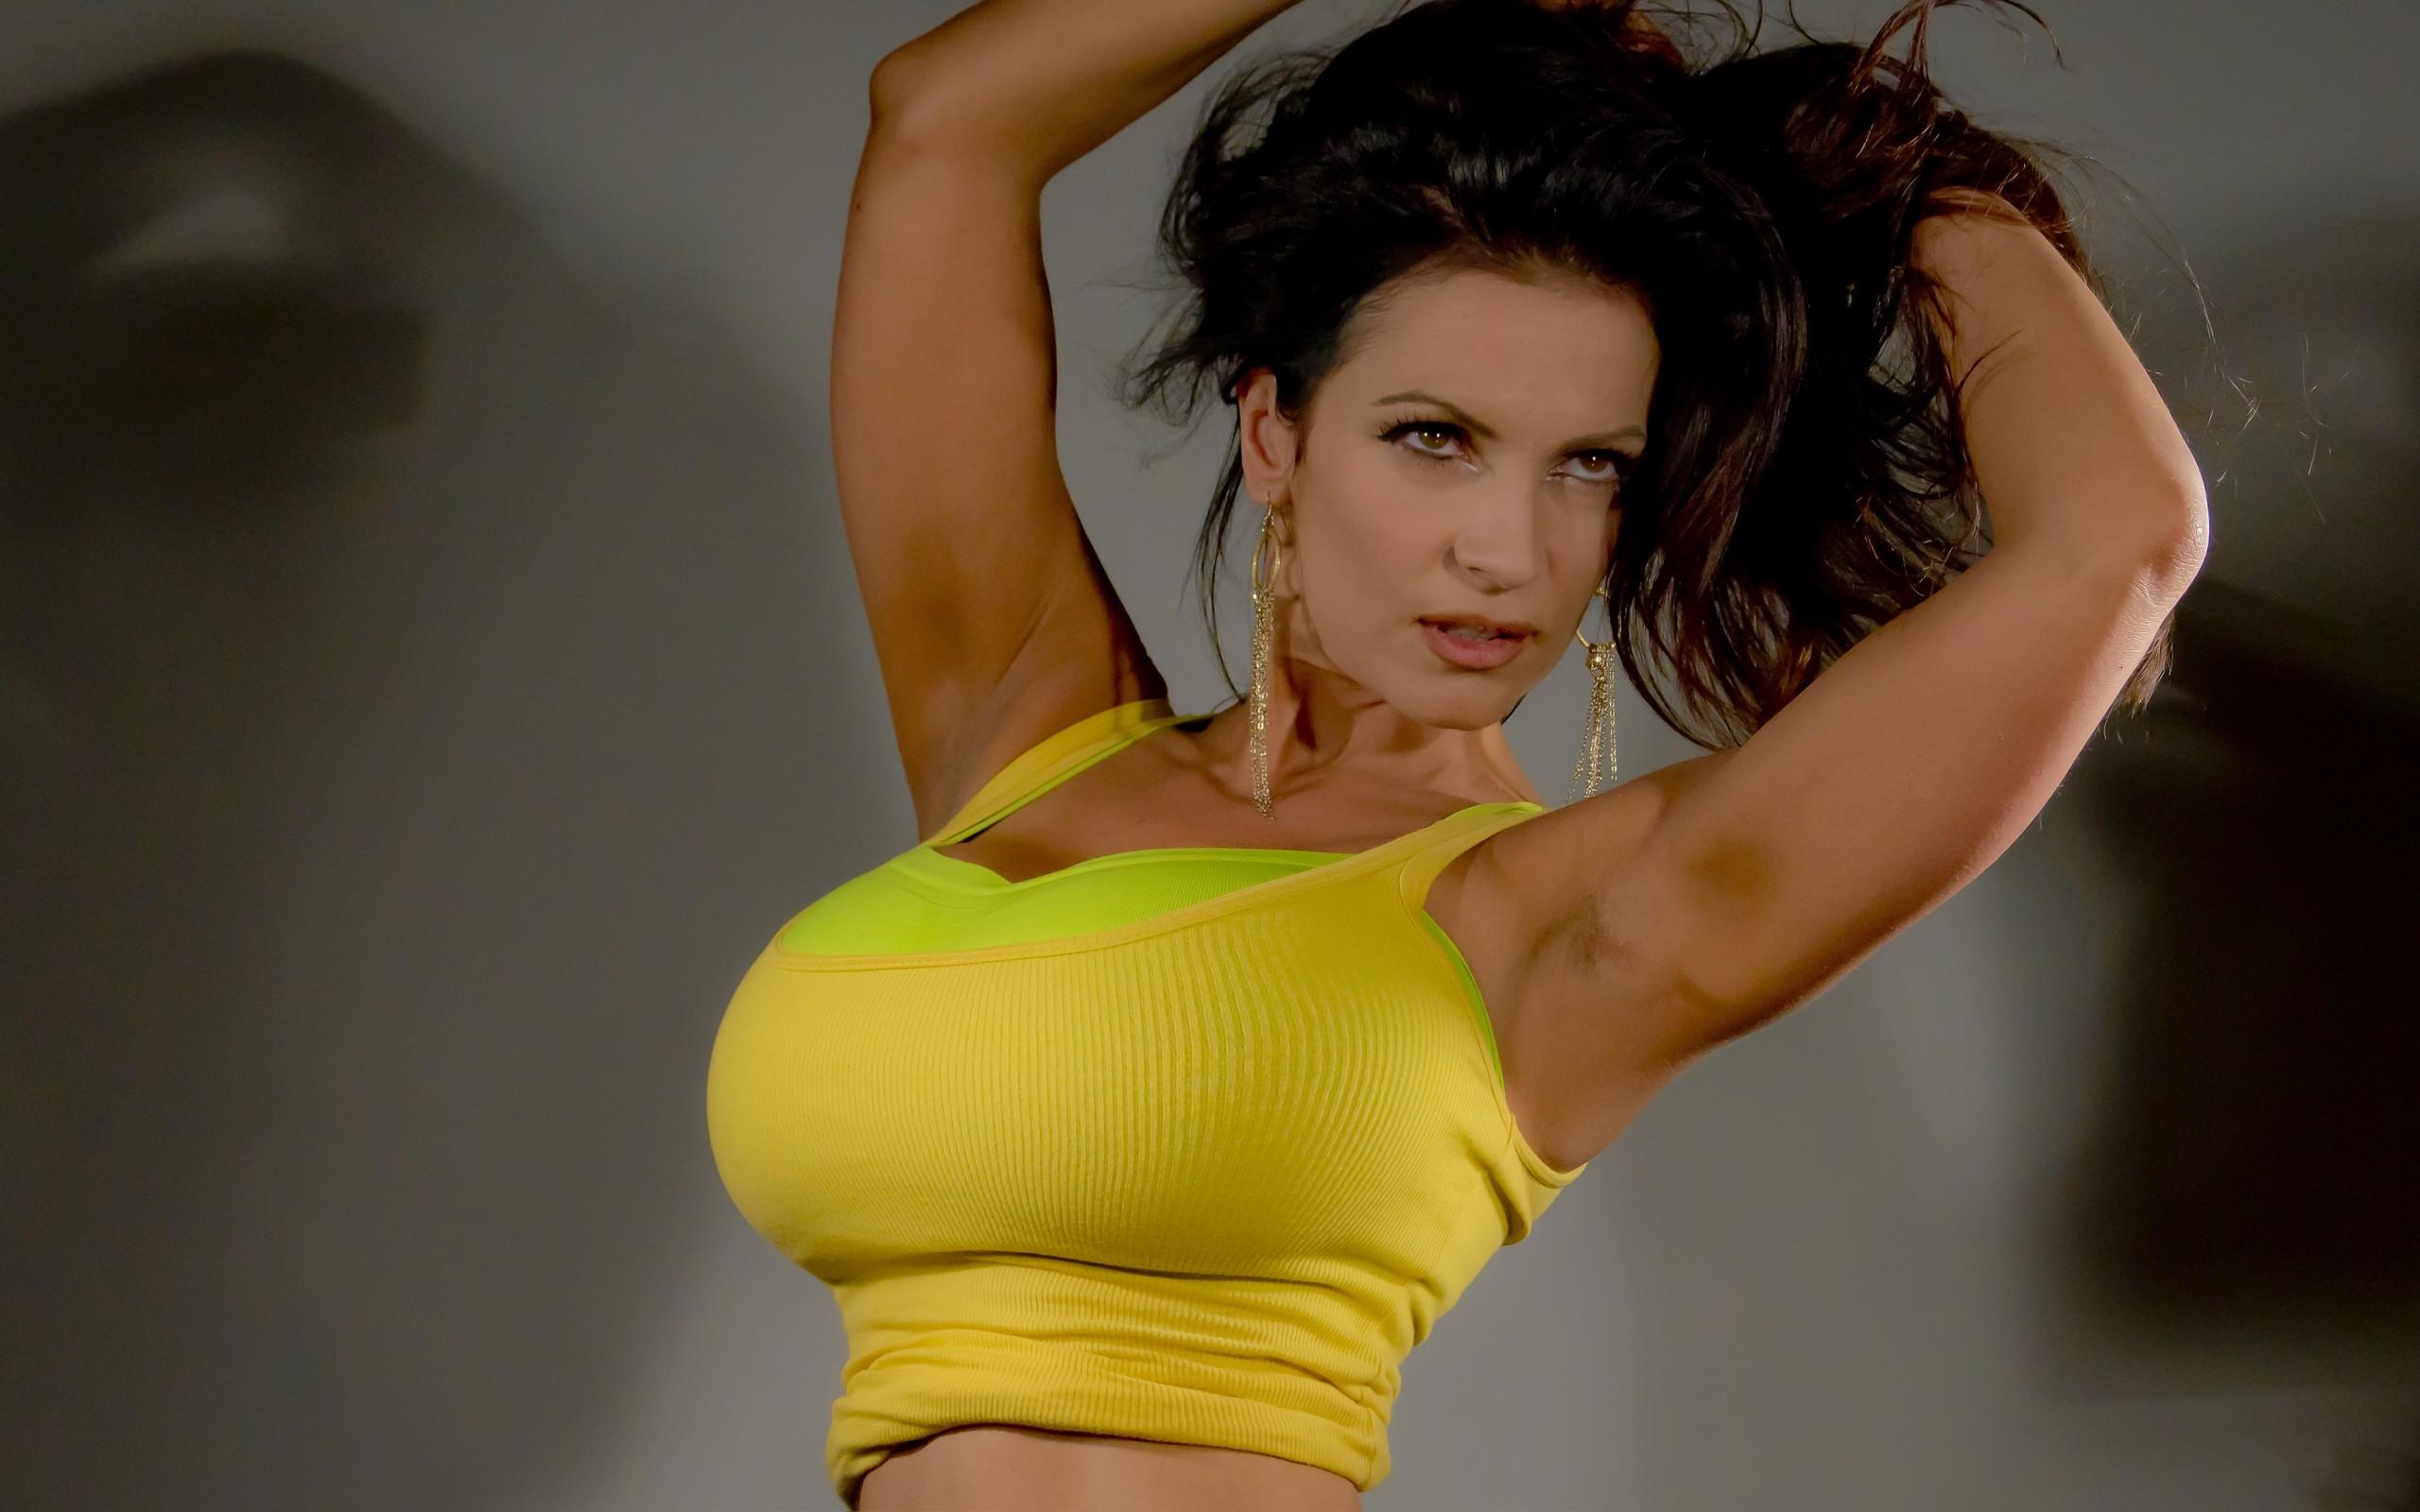 Девушка в желтом платье с большими сиськами видео, порно с бритой пиздой видео